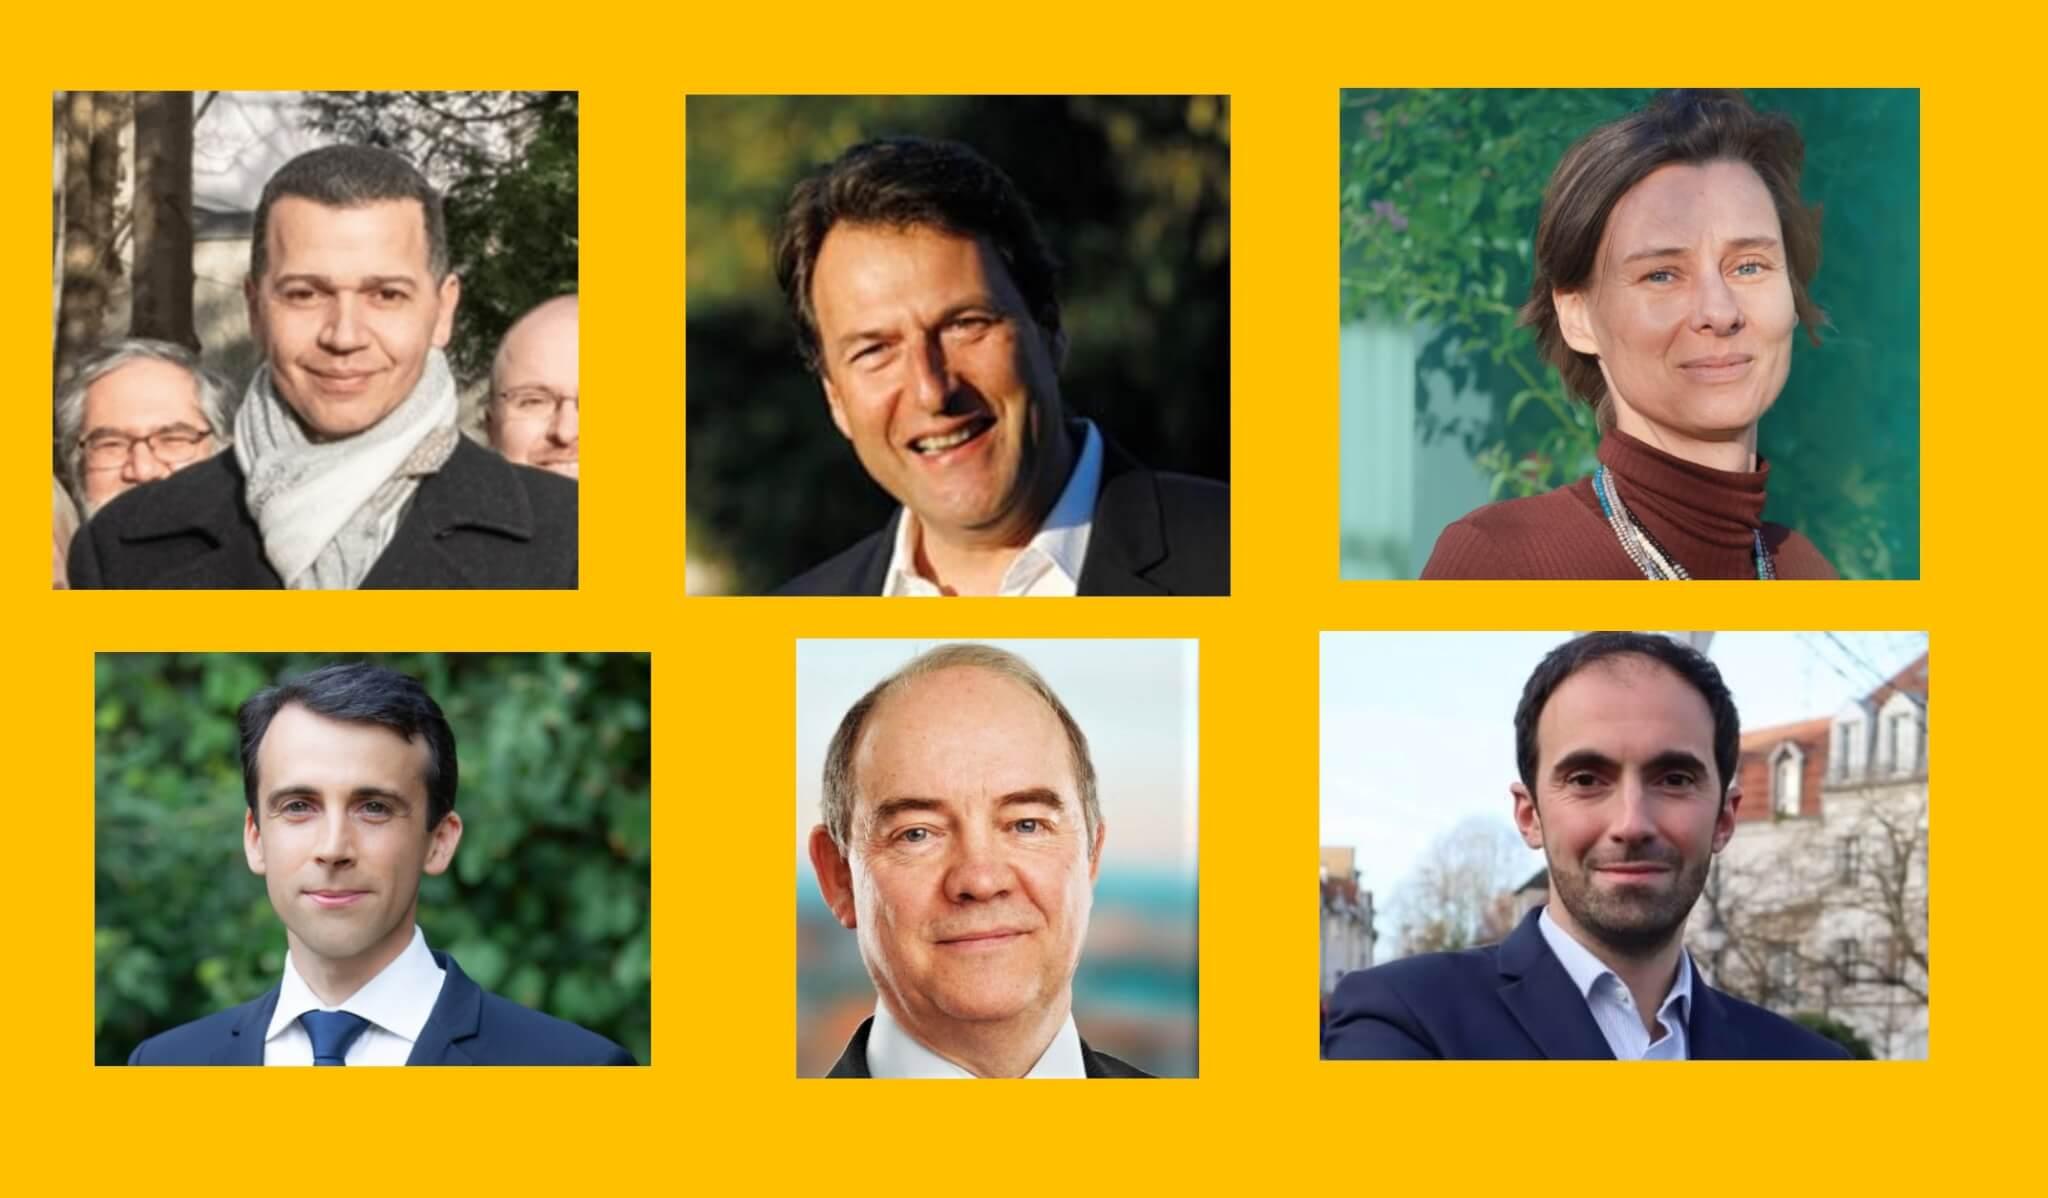 Municipales 2020 à Saint-Maur-des Fossés: candidats, contexte, attentes des citoyens